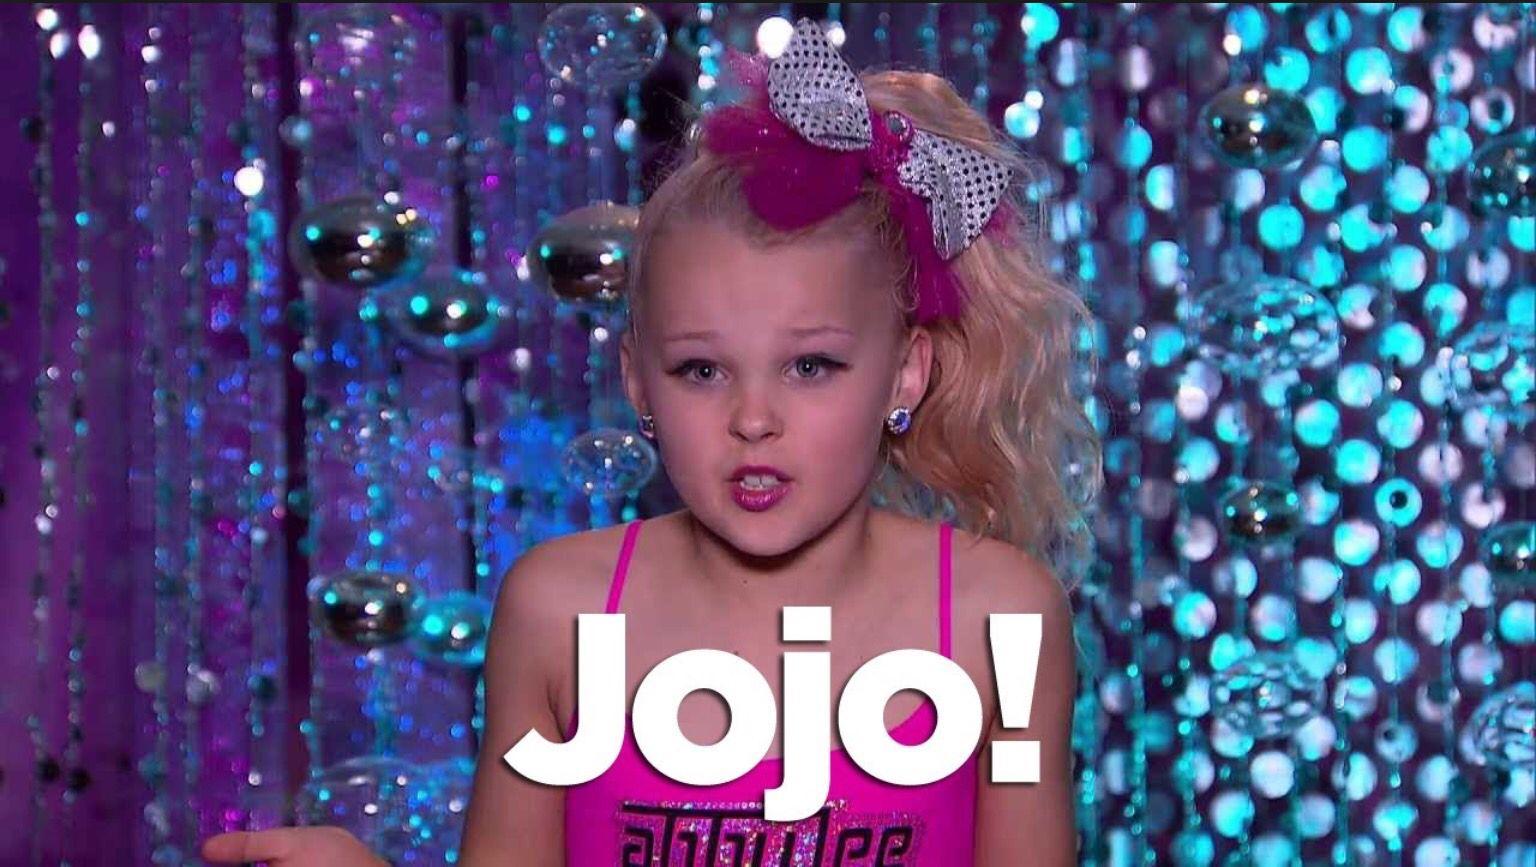 Lil jojo dead body pictures to pin on pinterest - Jojo Siwa